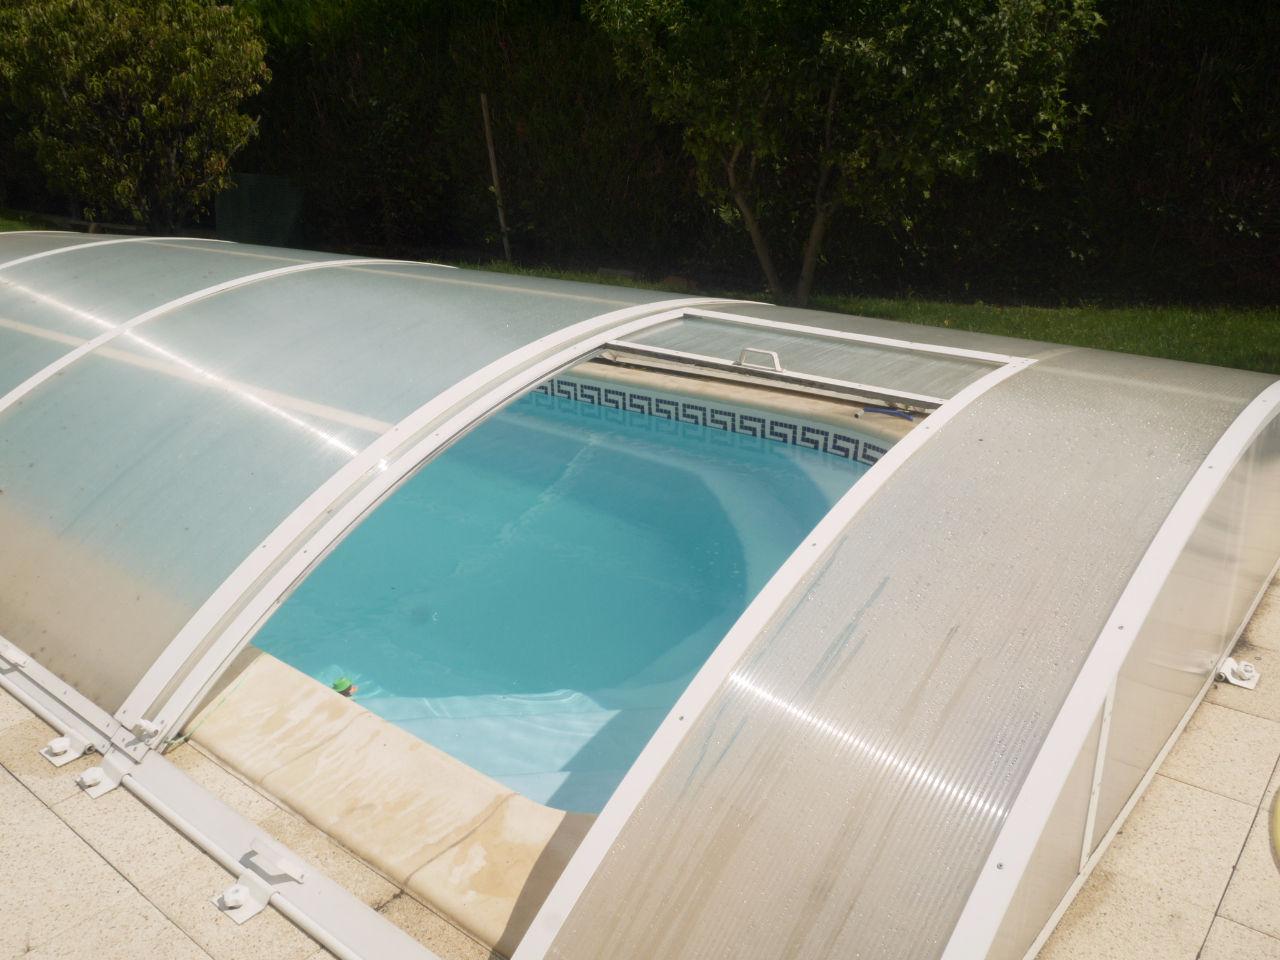 A acheter maison familiale avec 3 chambres et piscine for Acheter maison avec piscine